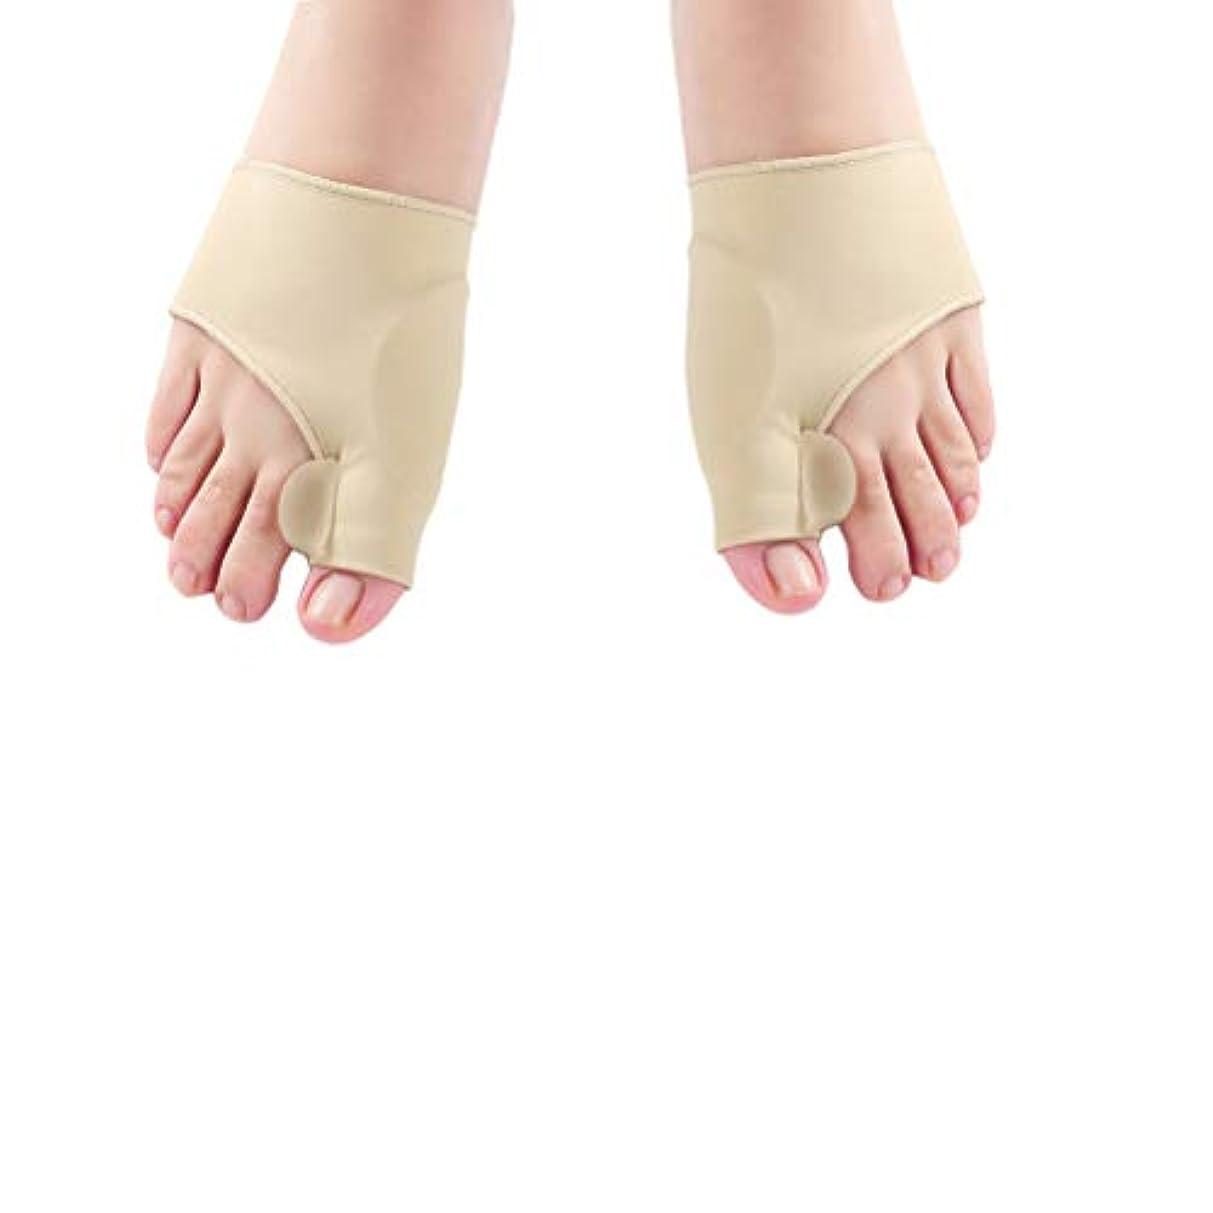 抵抗力がある背骨叙情的なHealifty un補正器のつま先の整形外科の外反母趾の補正子のつま先の整形外科の腱の副木の親指の区切り記号の昼と夜の使用のための痛みの軽減 - サイズL(カーキ)